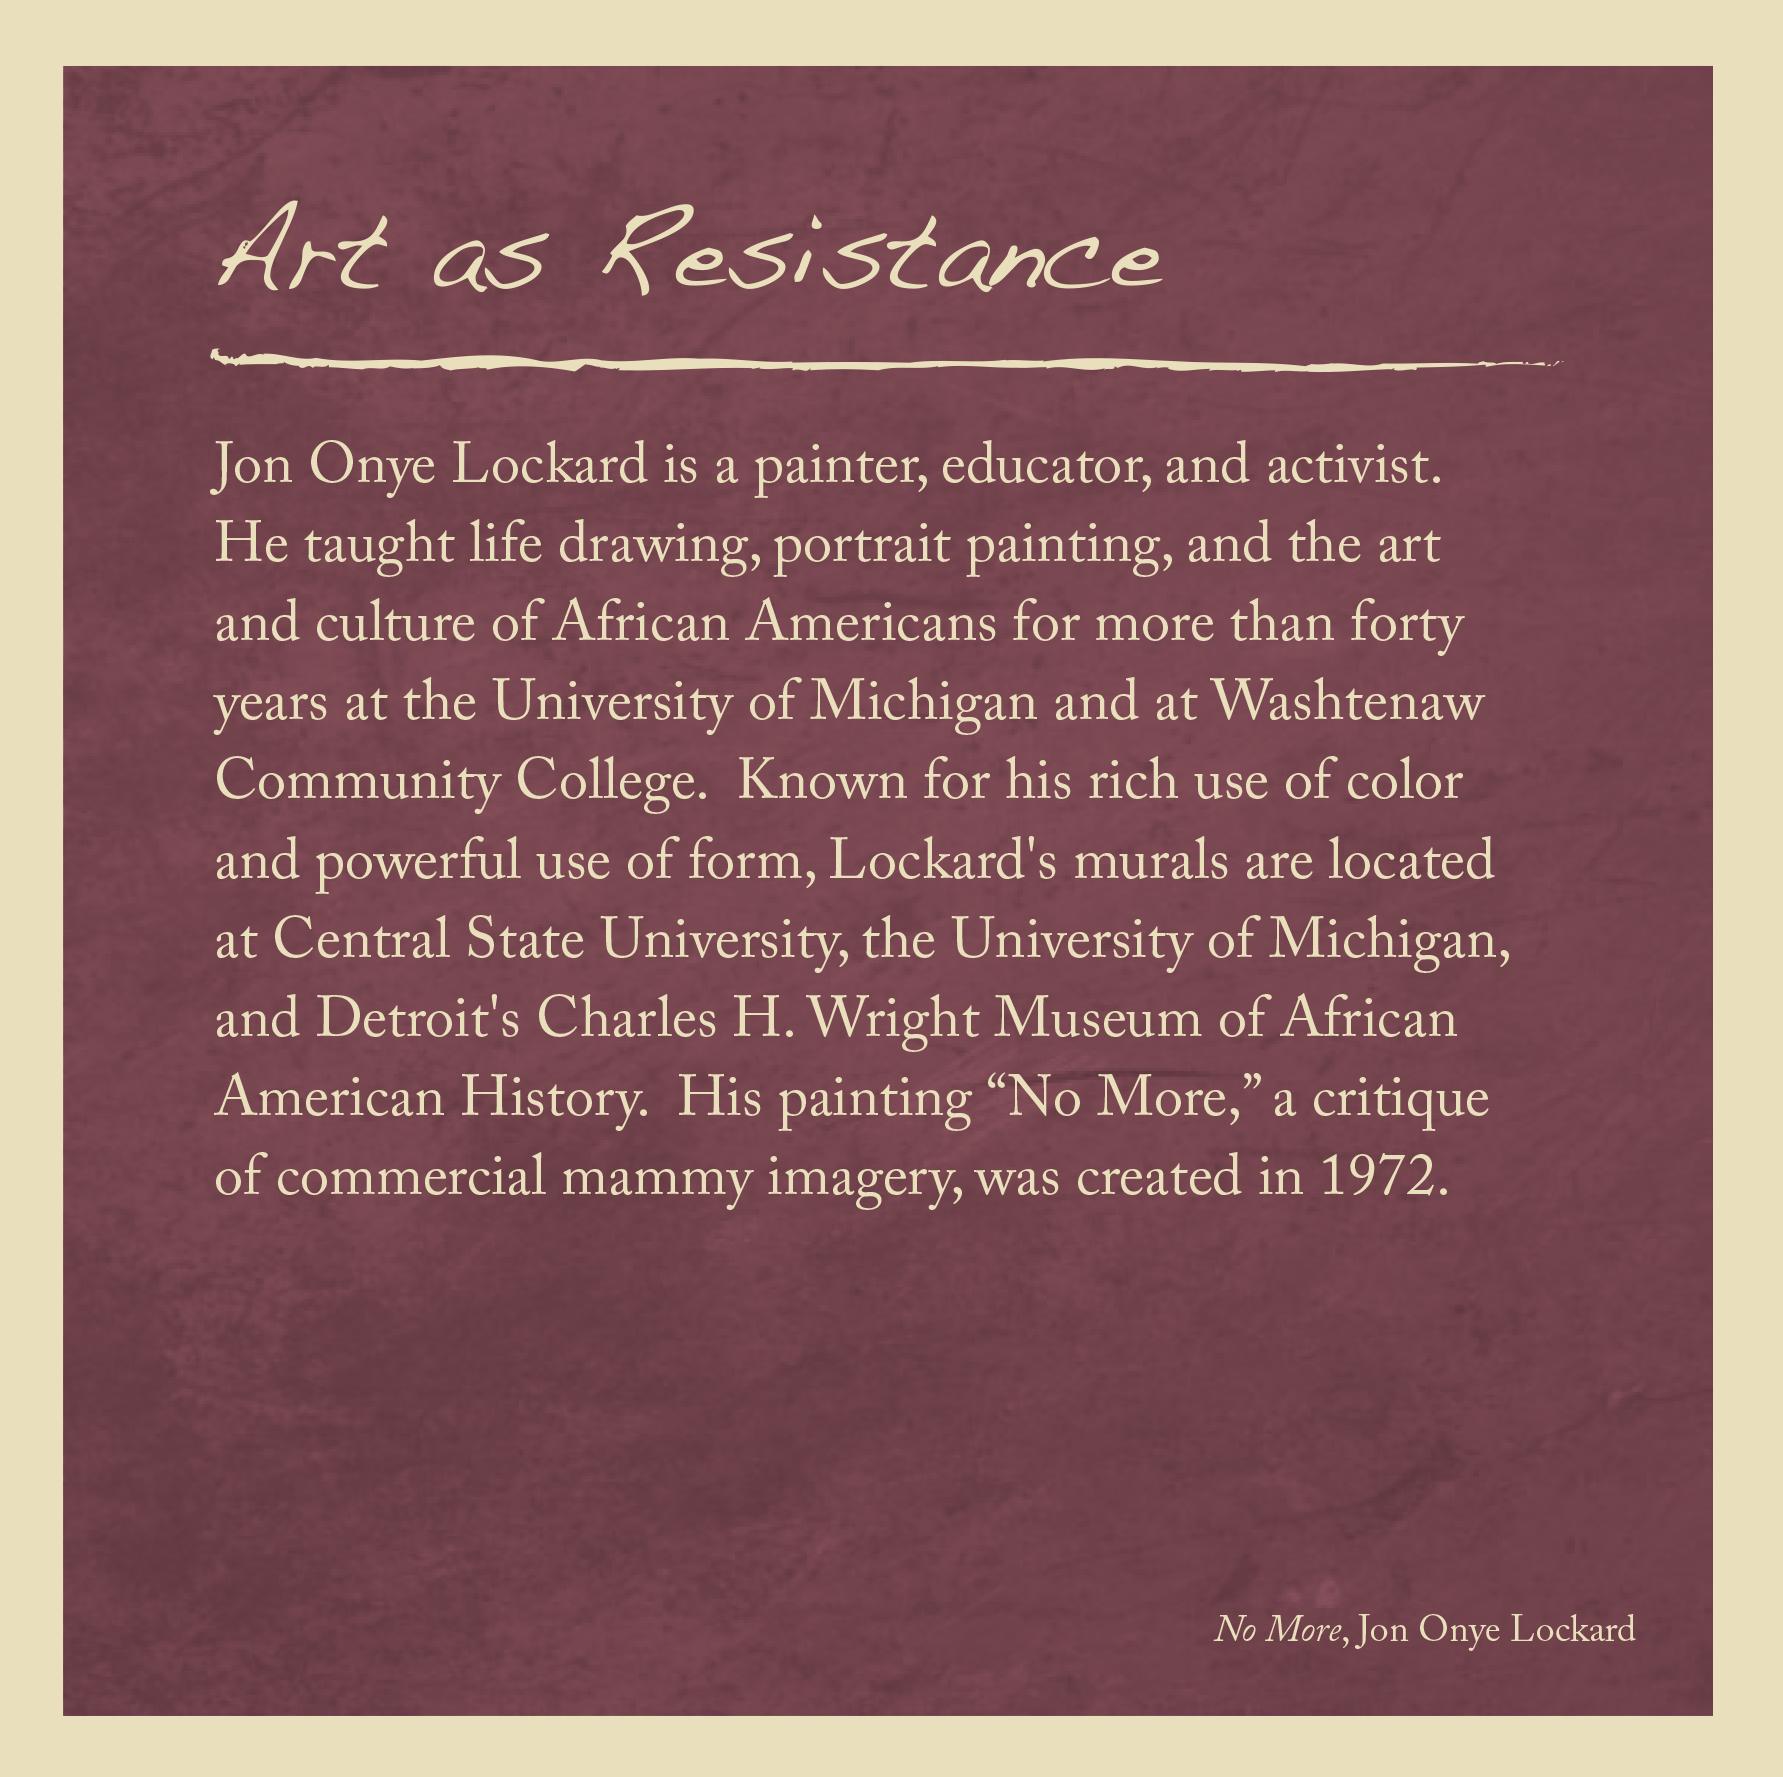 Art as Resistance.jpg